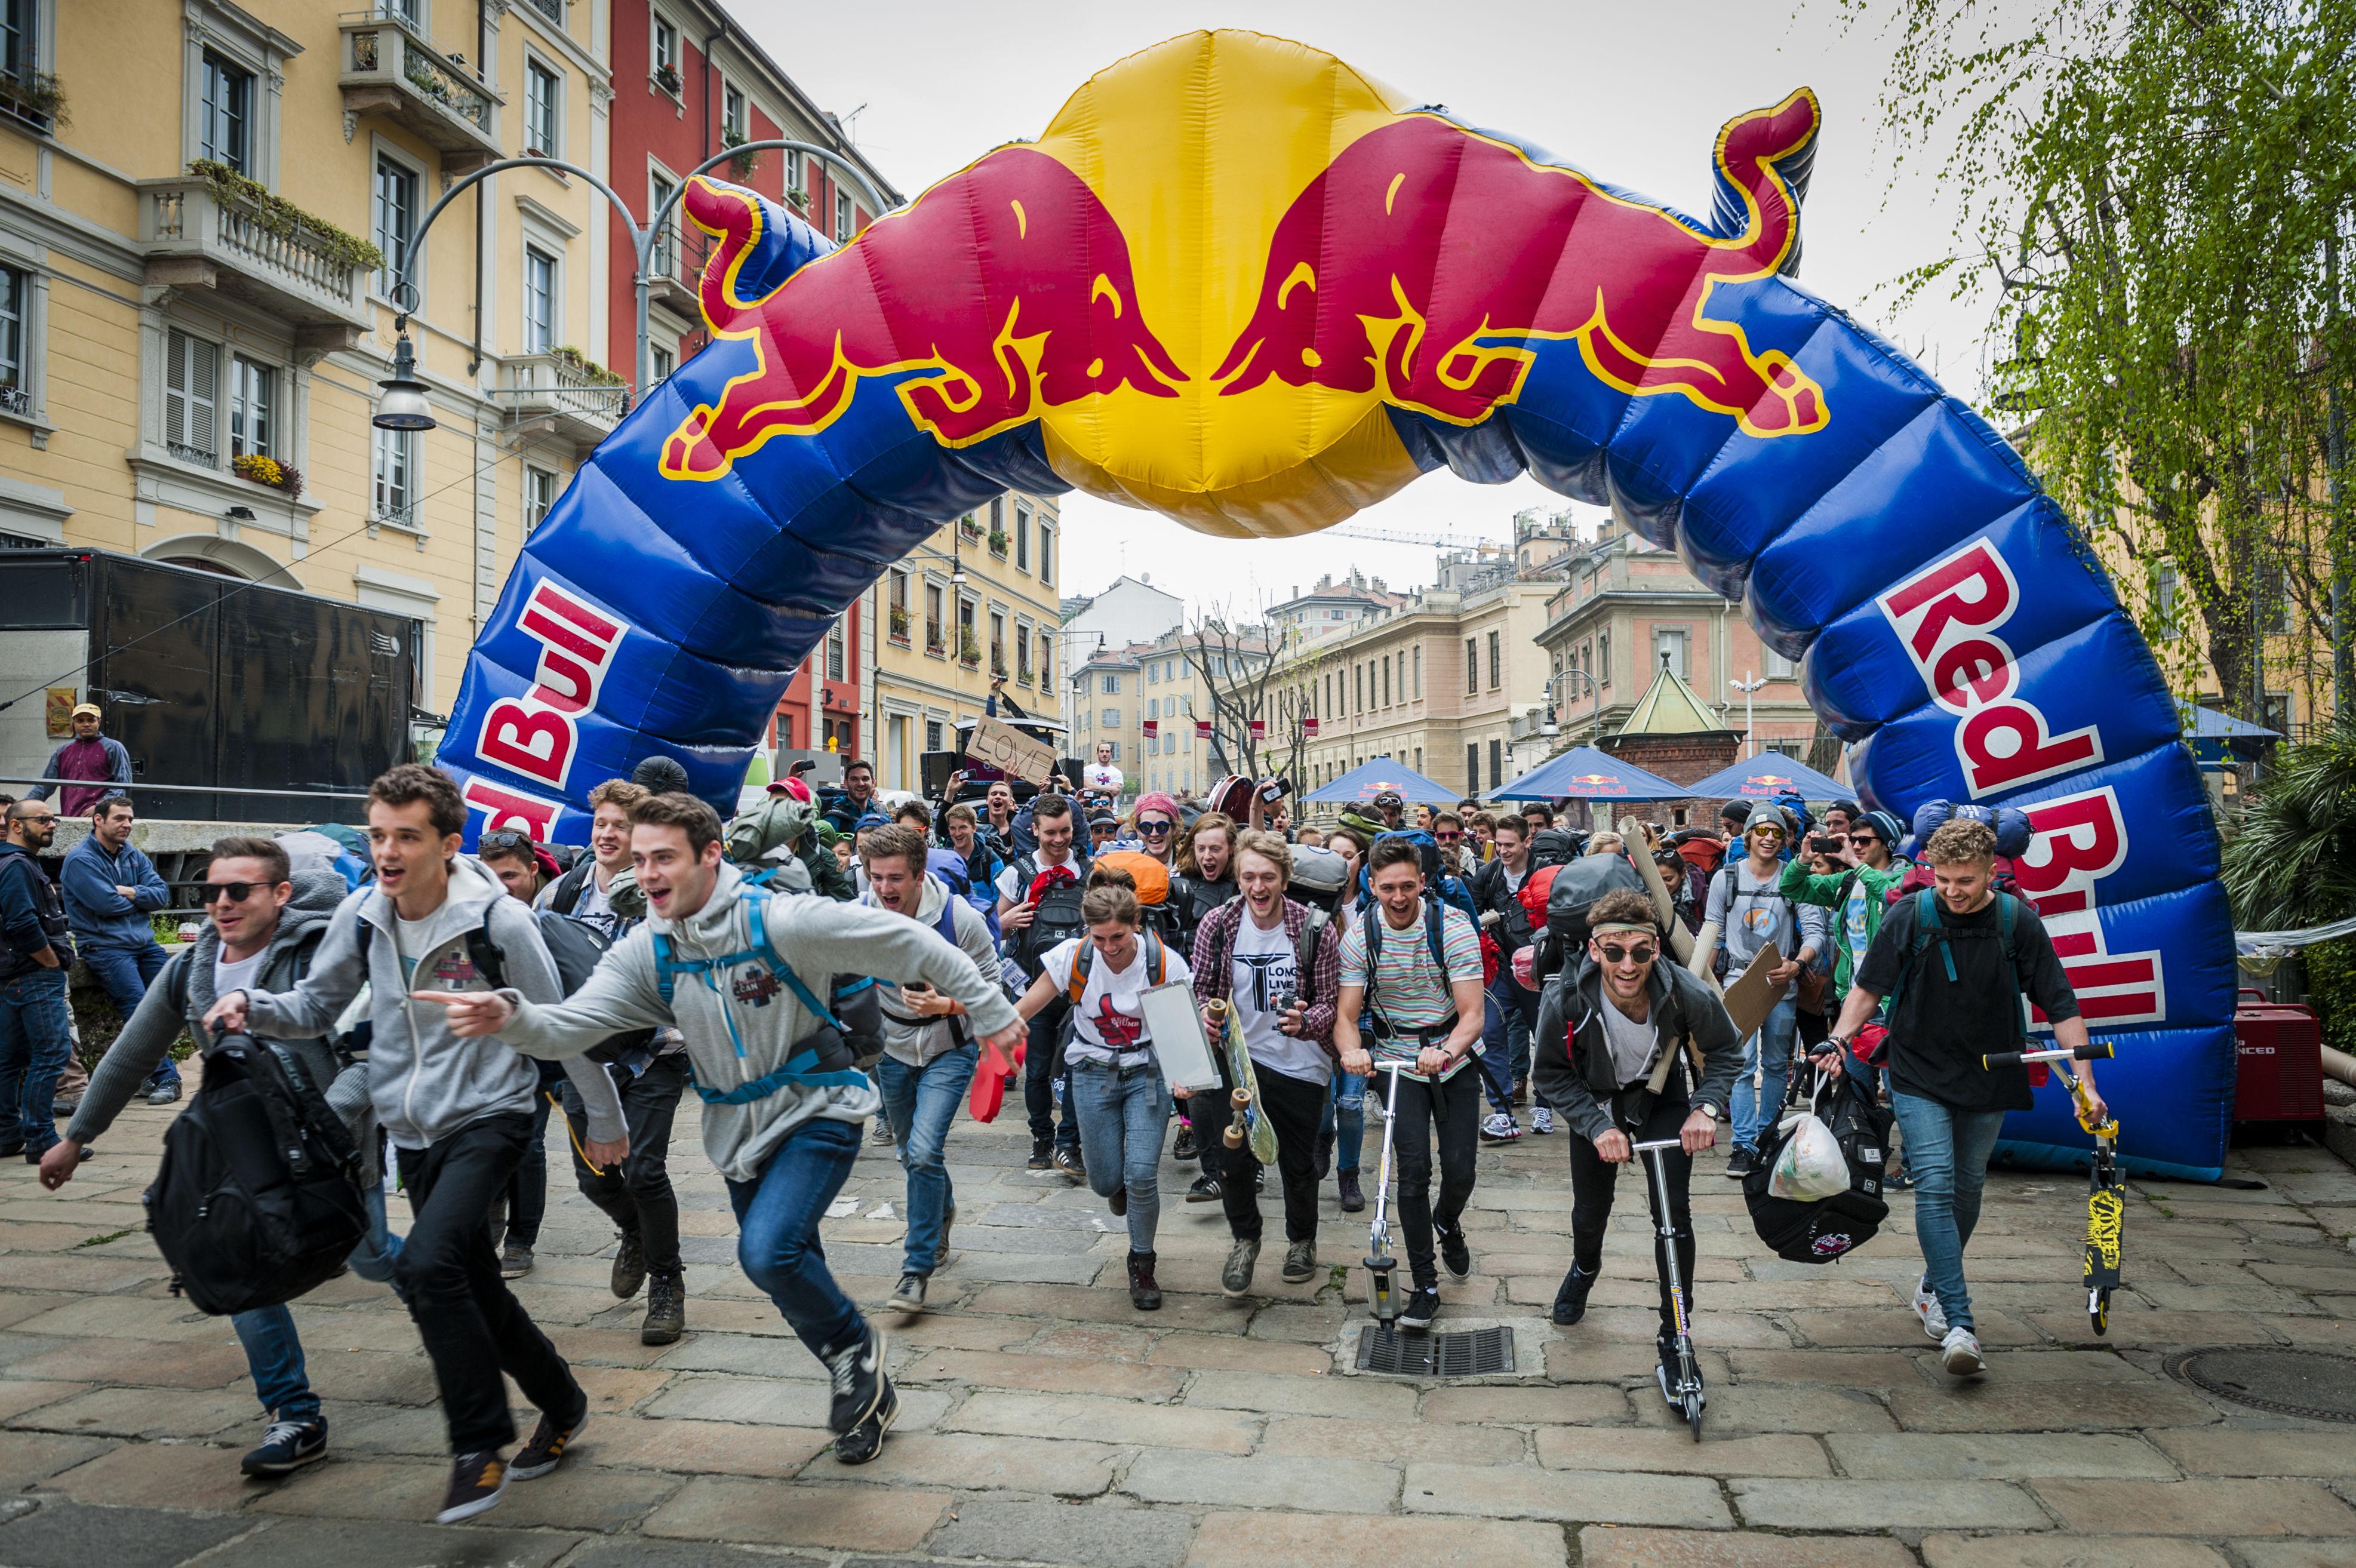 Red Bull(24本)を使って、物々交換をしながらヨーロッパを旅するレースが楽しそう!